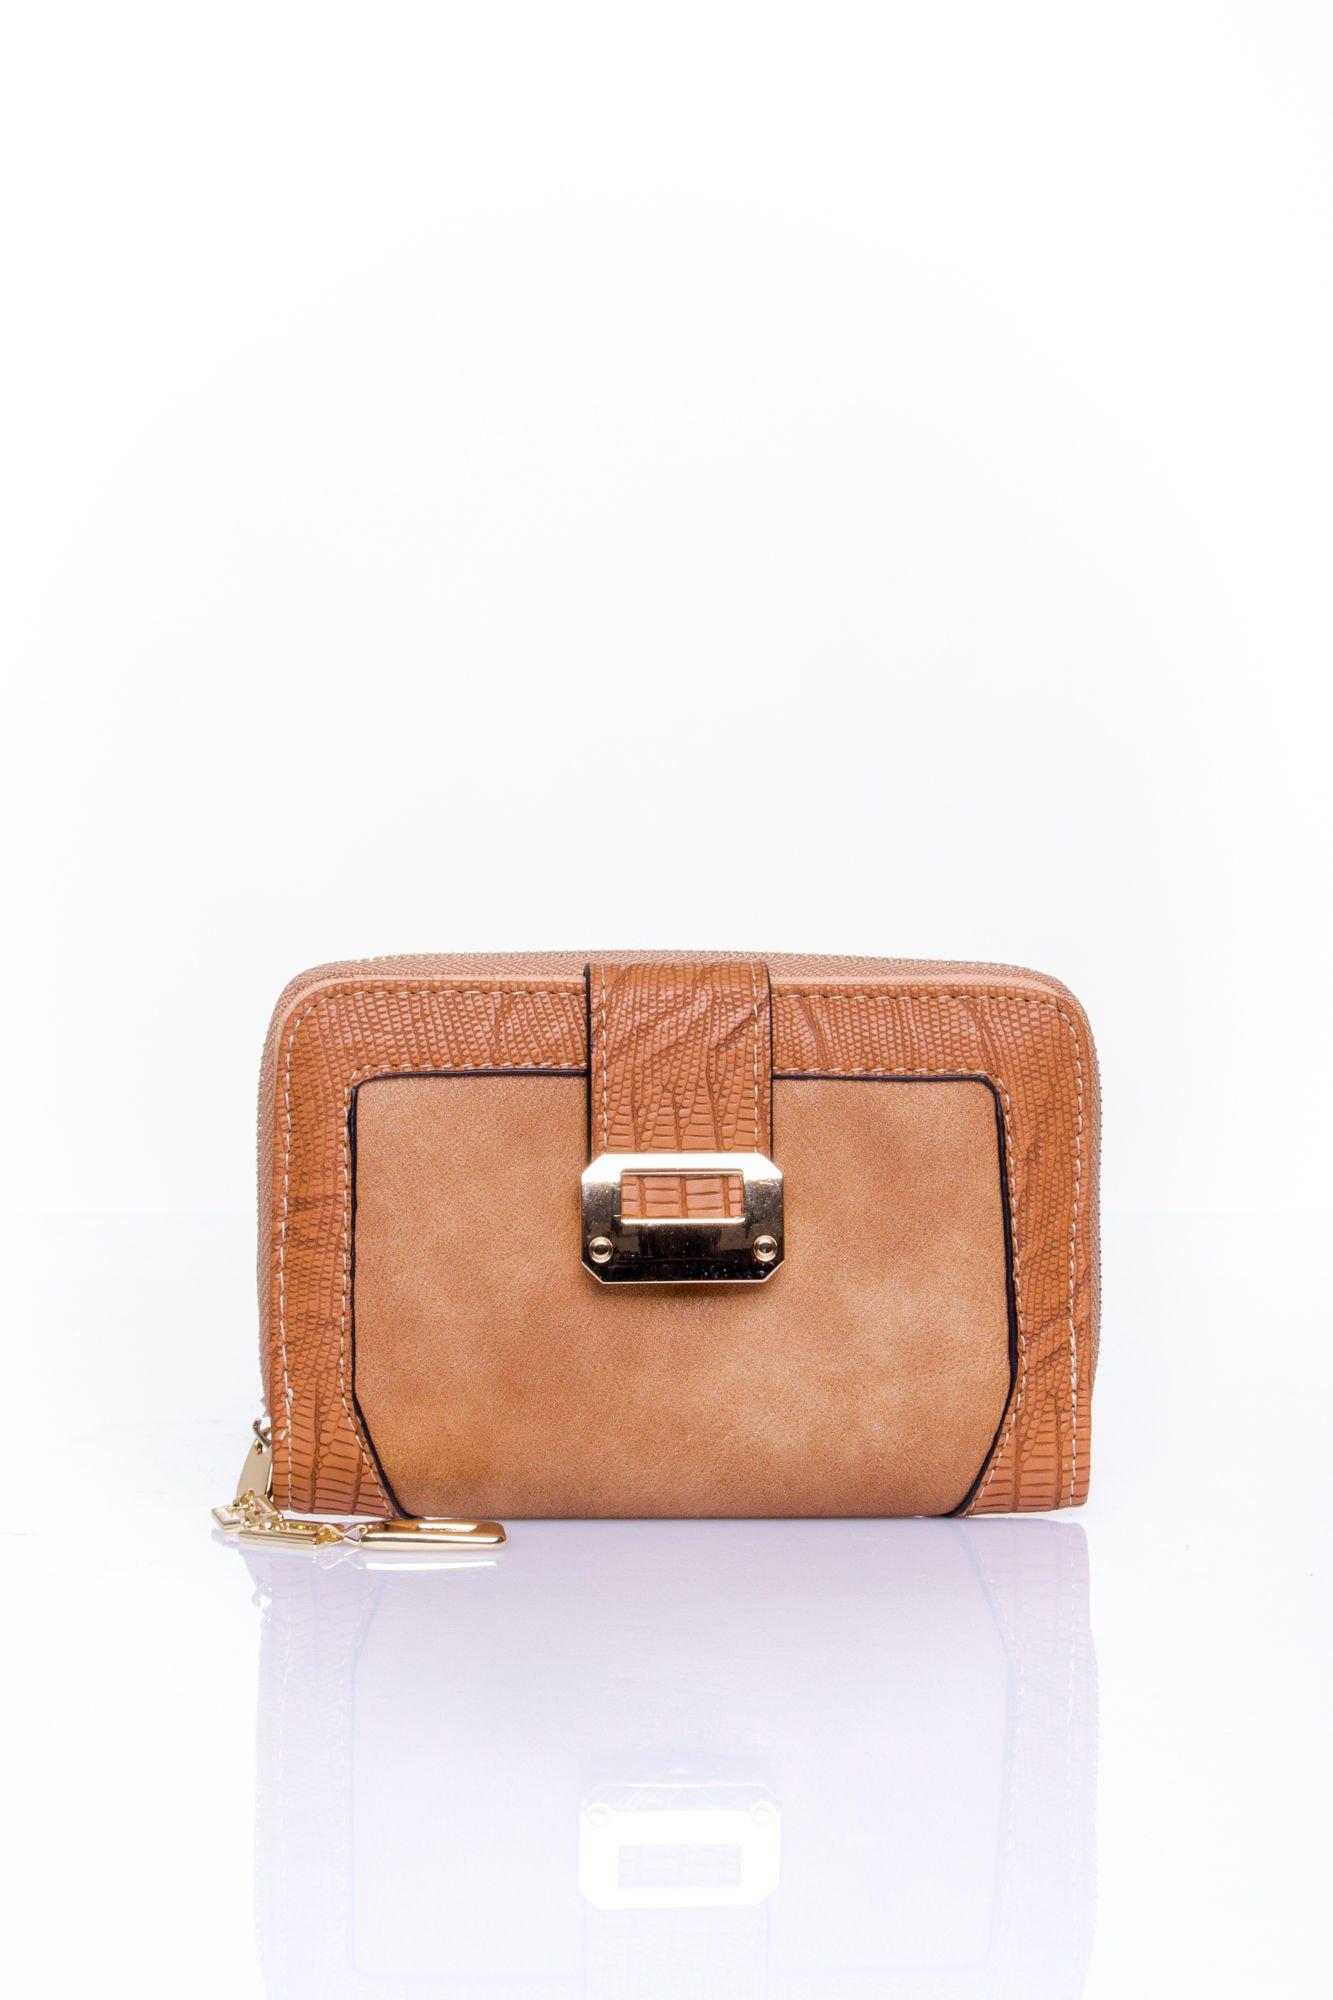 Brązowy portfel z ozdobną złotą klamrą                                  zdj.                                  1